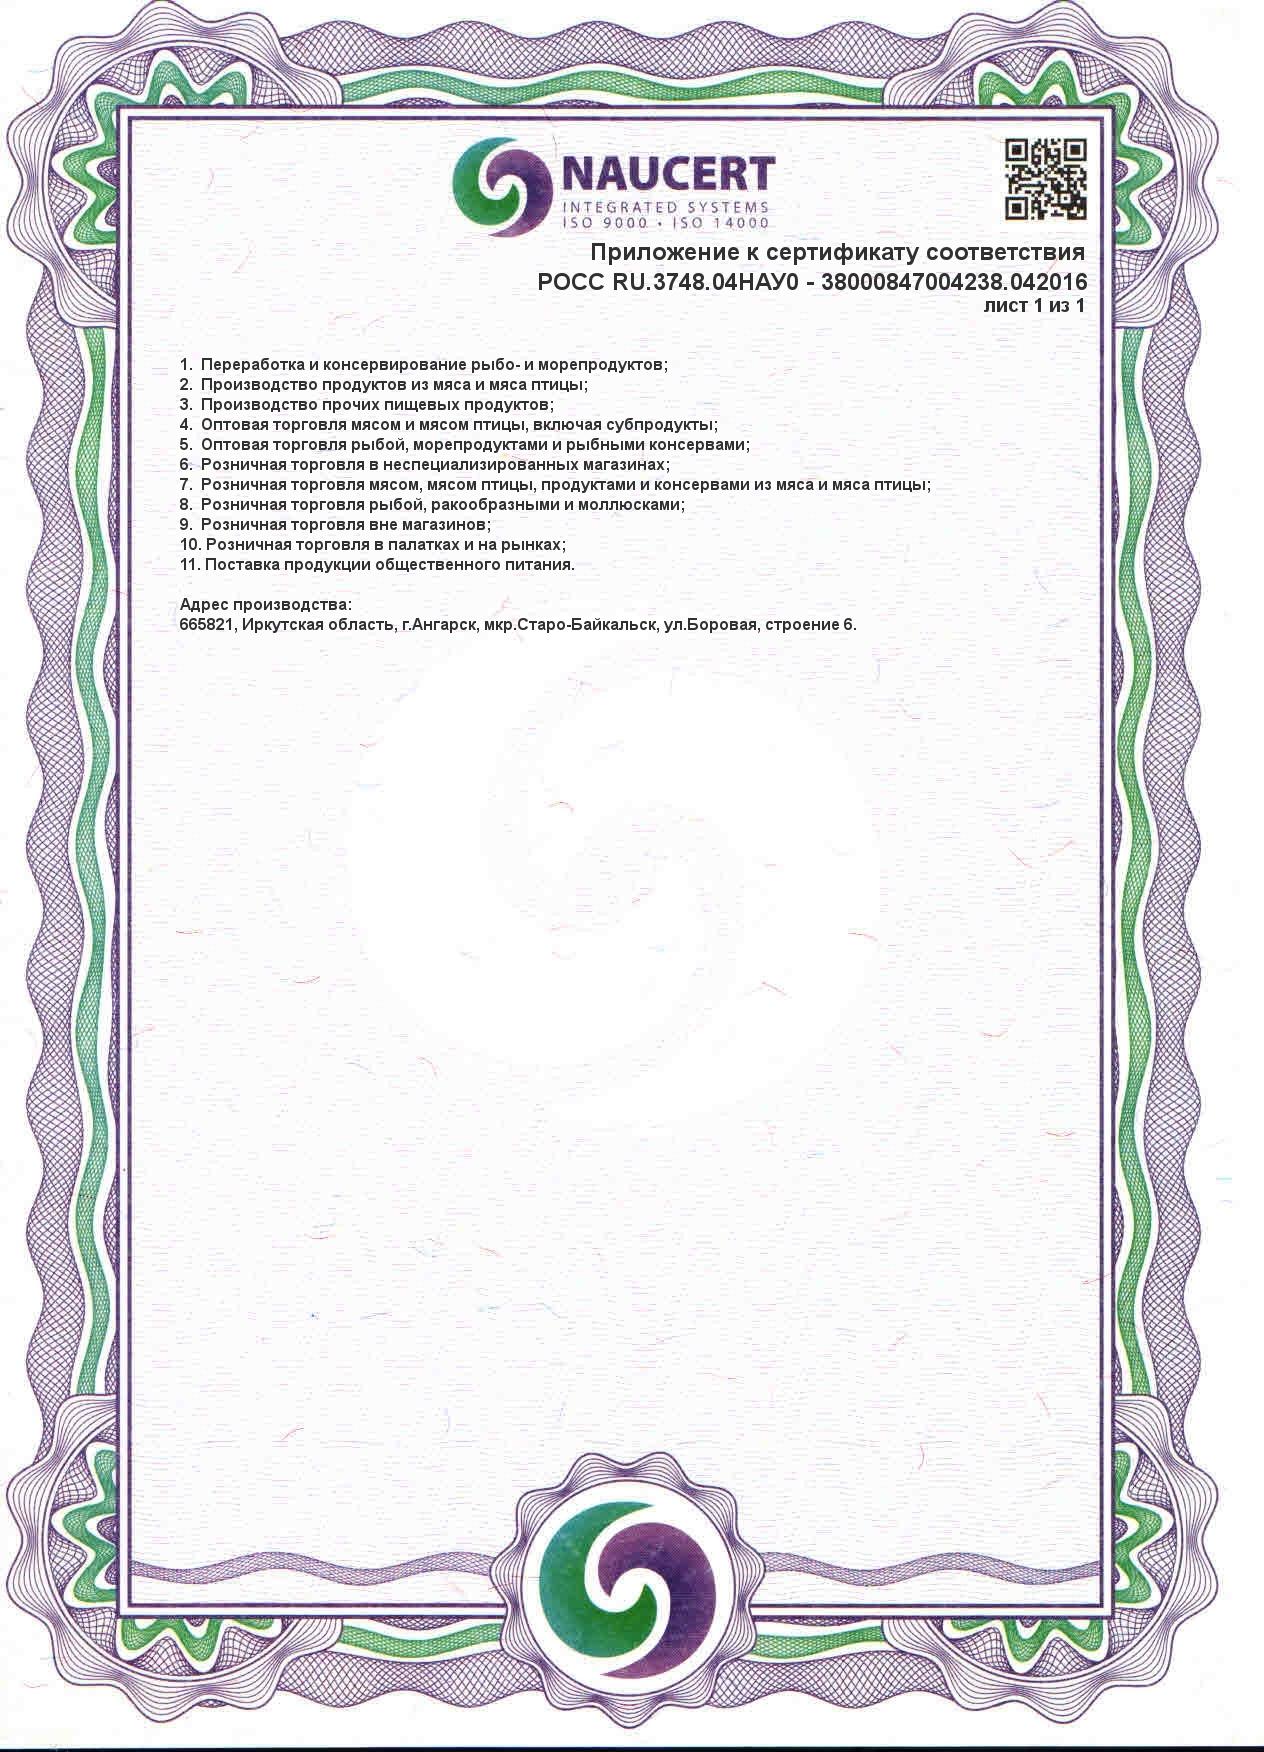 Приложение к ИСО 22001